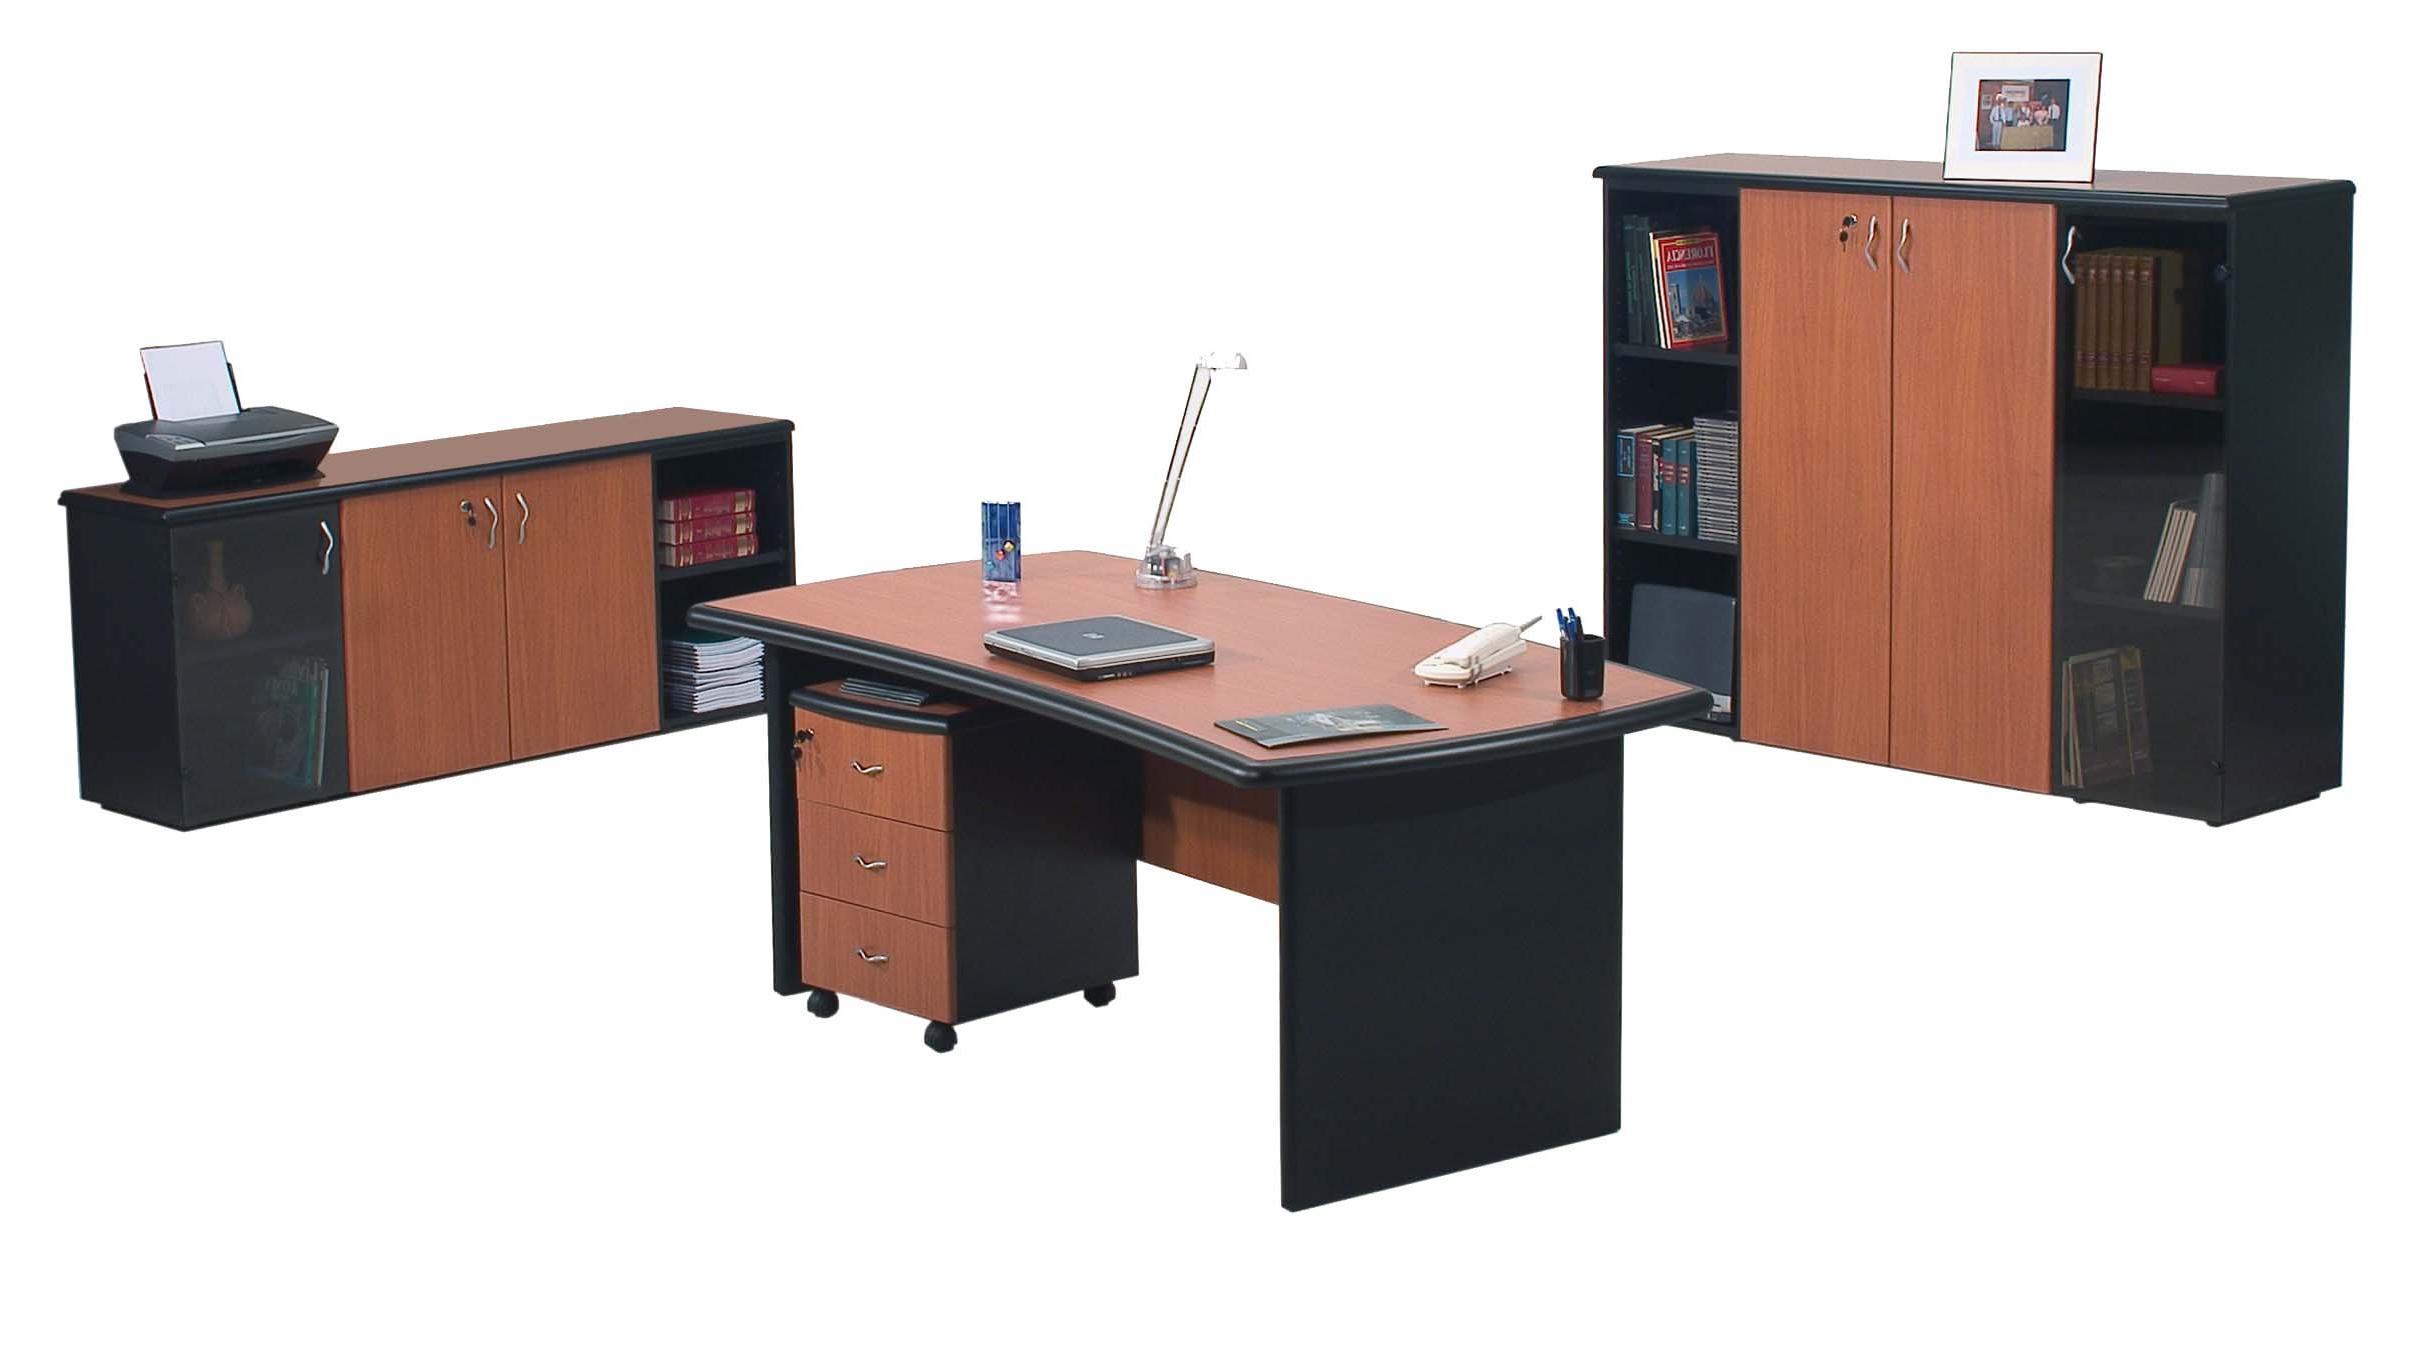 Muebles De Oficina De Segunda Mano S5d8 Mobiliario De Oficina Segunda Mano Estilo Ingles Barato Sevilla